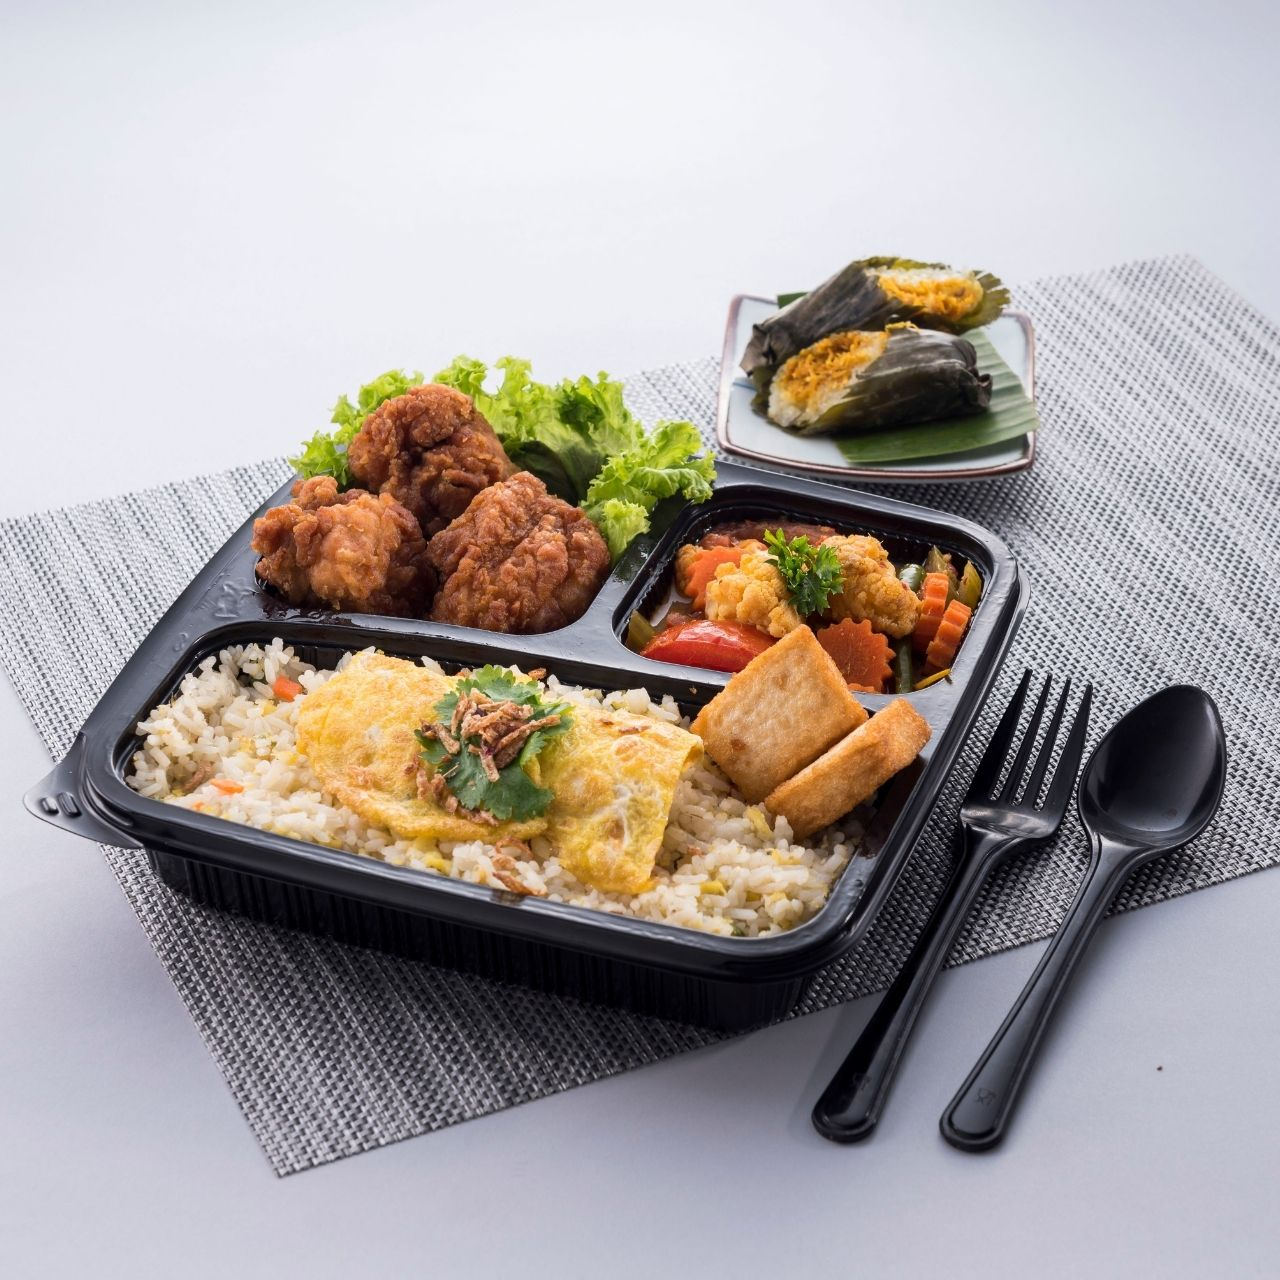 runningmen catering bento box pattaya fried rice with fried chicken